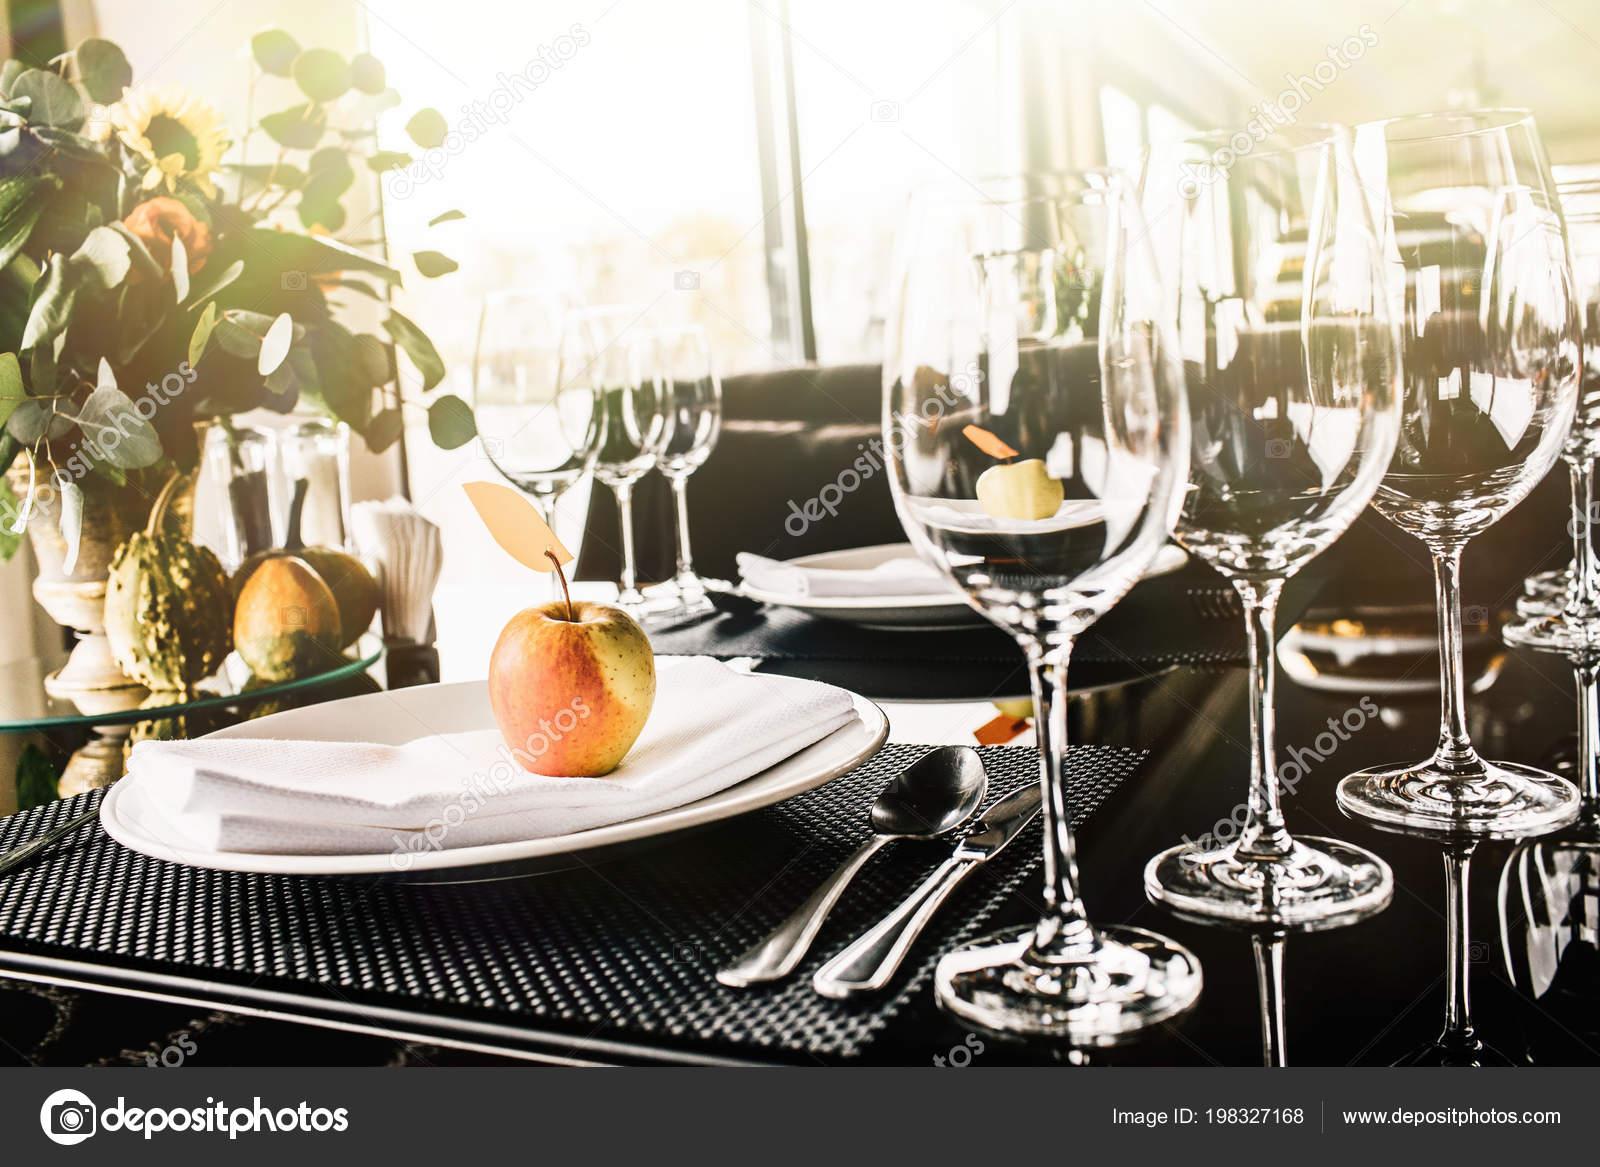 Fancy Table Setting Wine Glasses Elegant Restaurant Stock Photo C Vaksmanv101 198327168